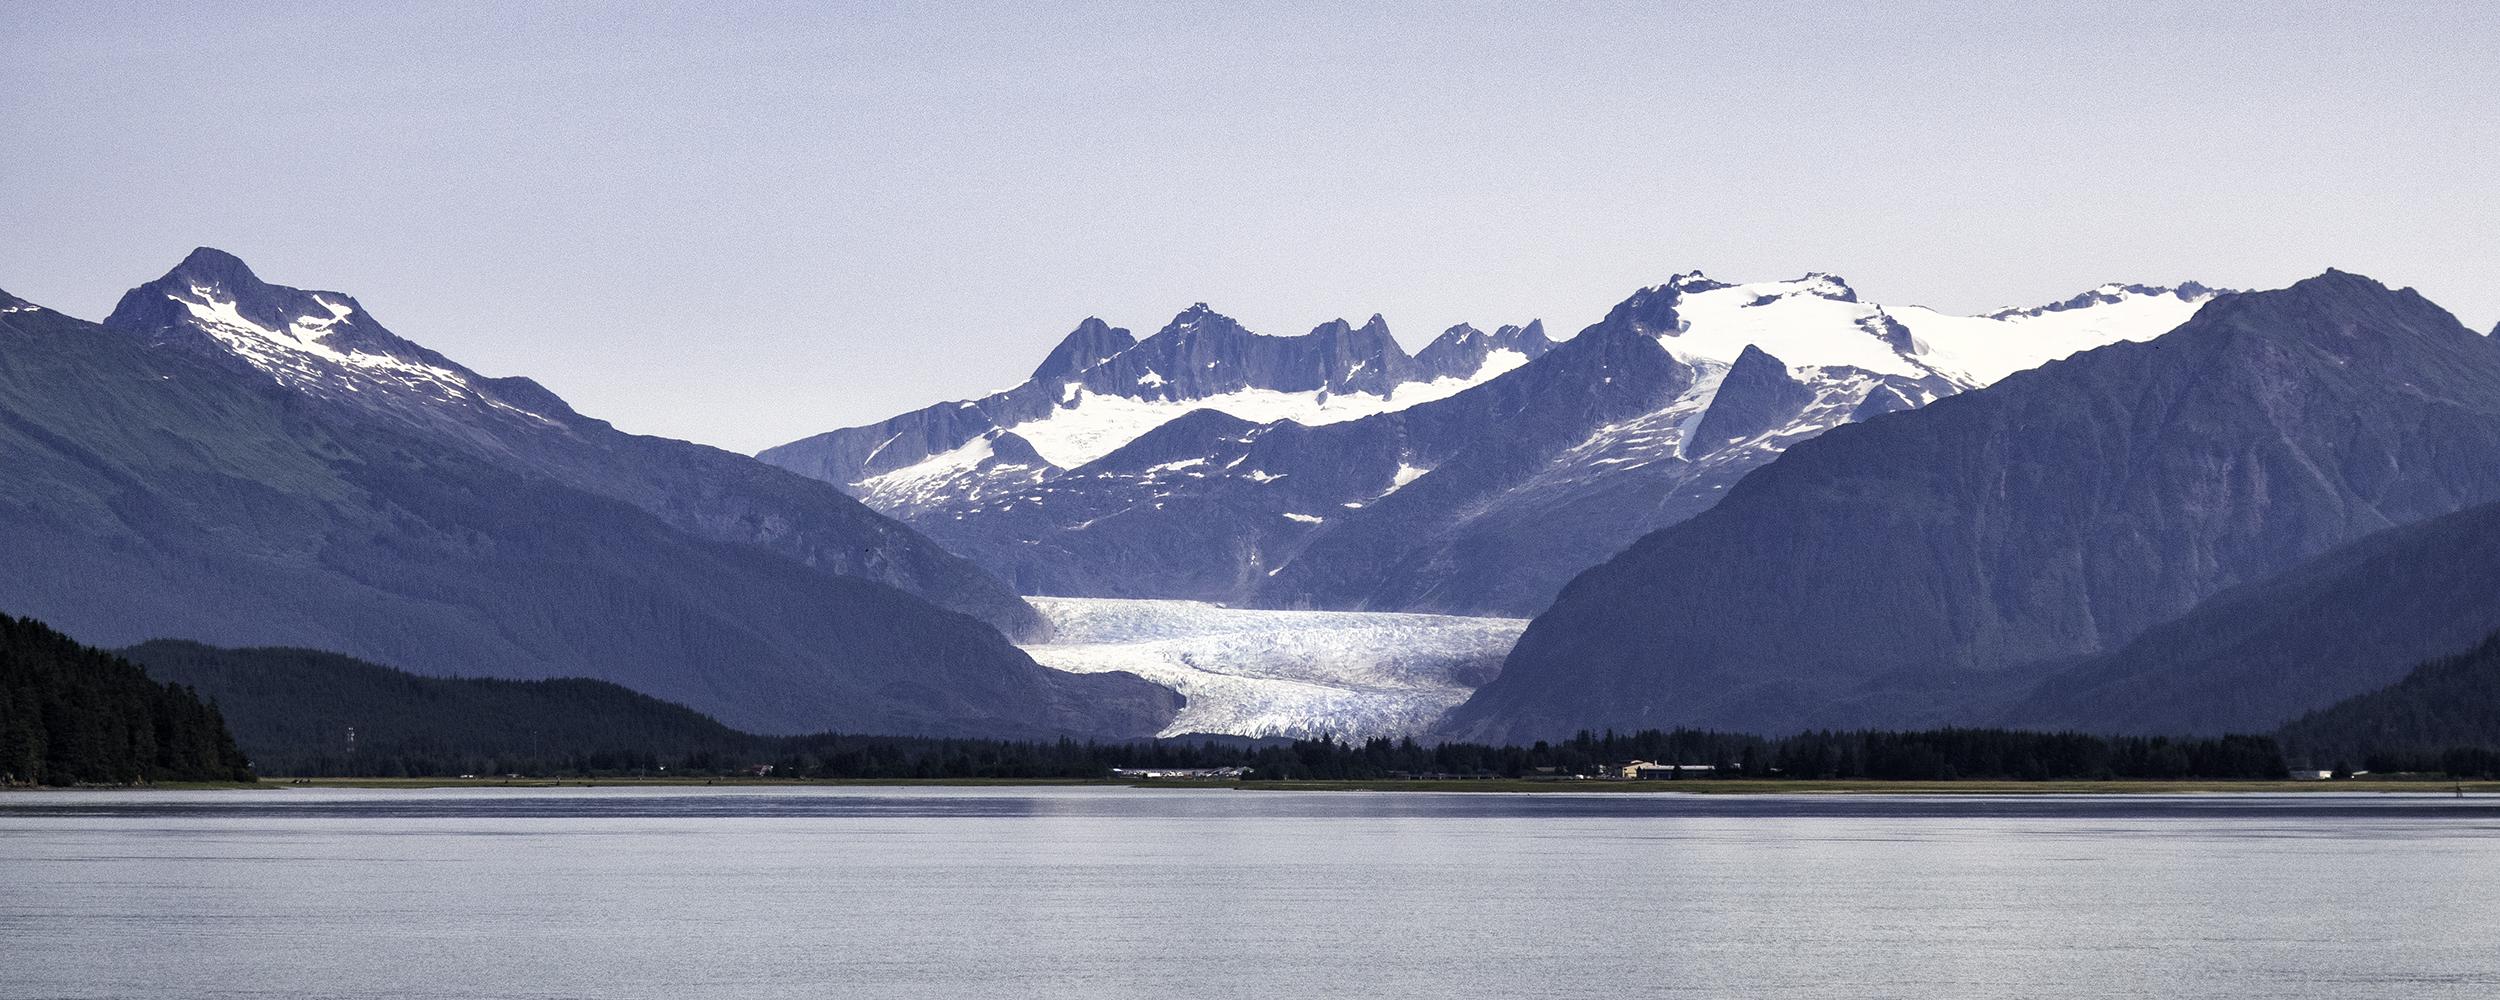 180723  Juneau G9X 007-1.jpg